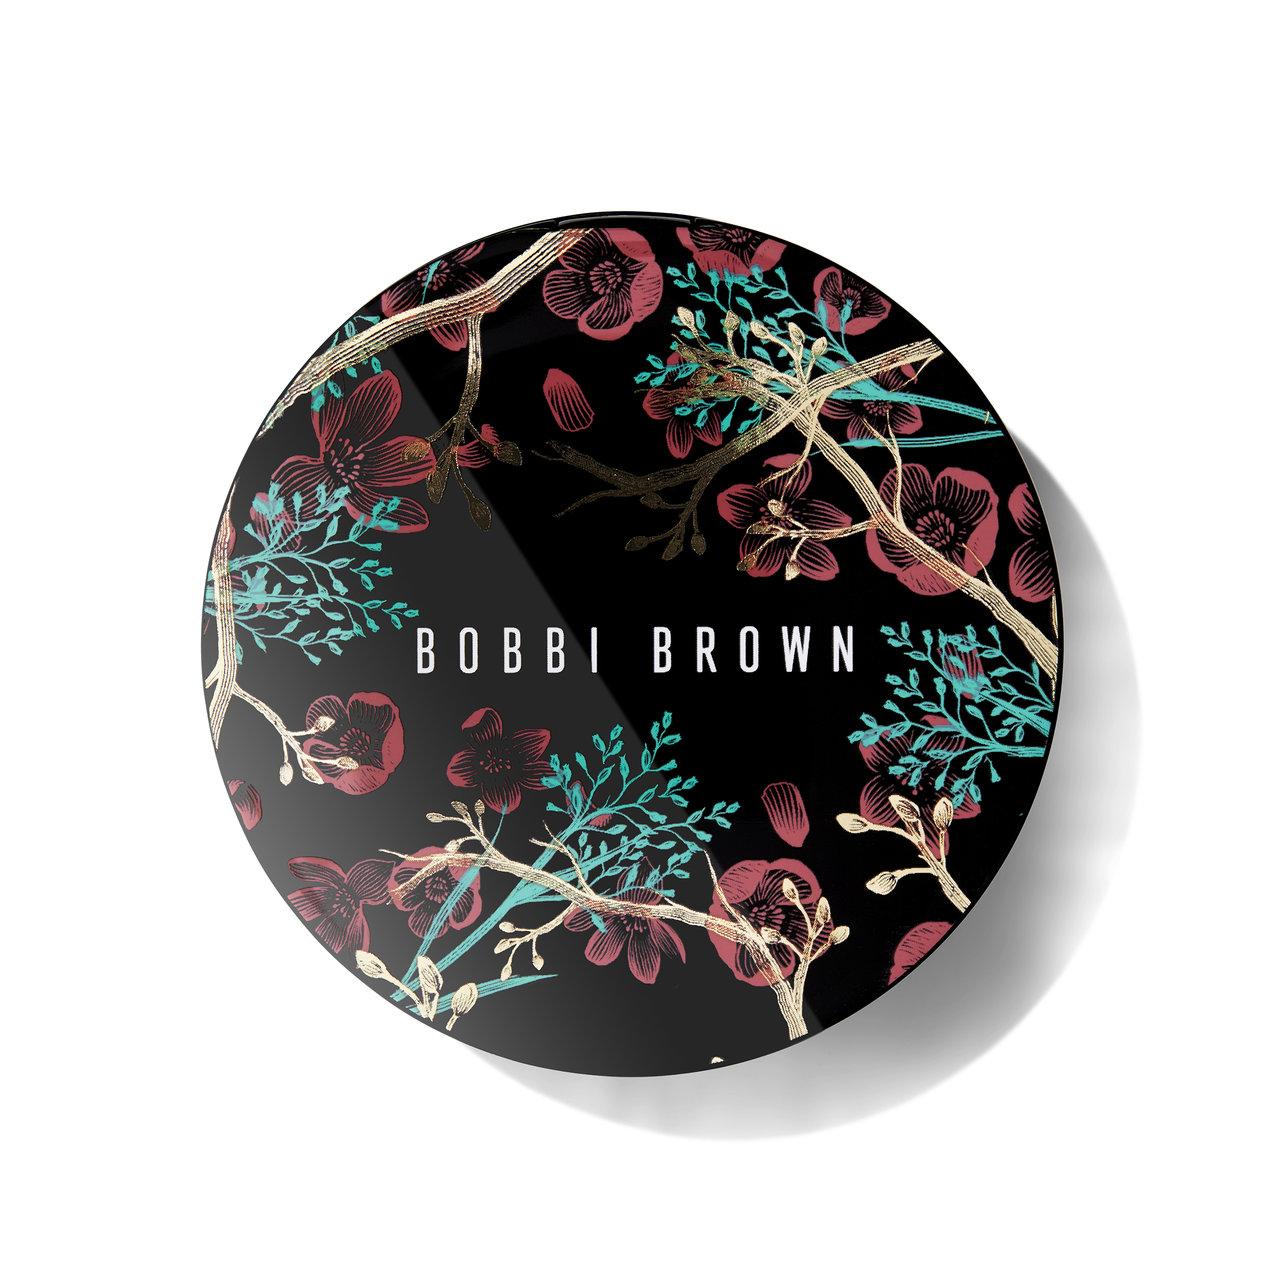 BOBBI BROWN(ボビイ ブラウン)×フラワー ガール NYC コレクション「ブラッシュ&グロウ デュオ」